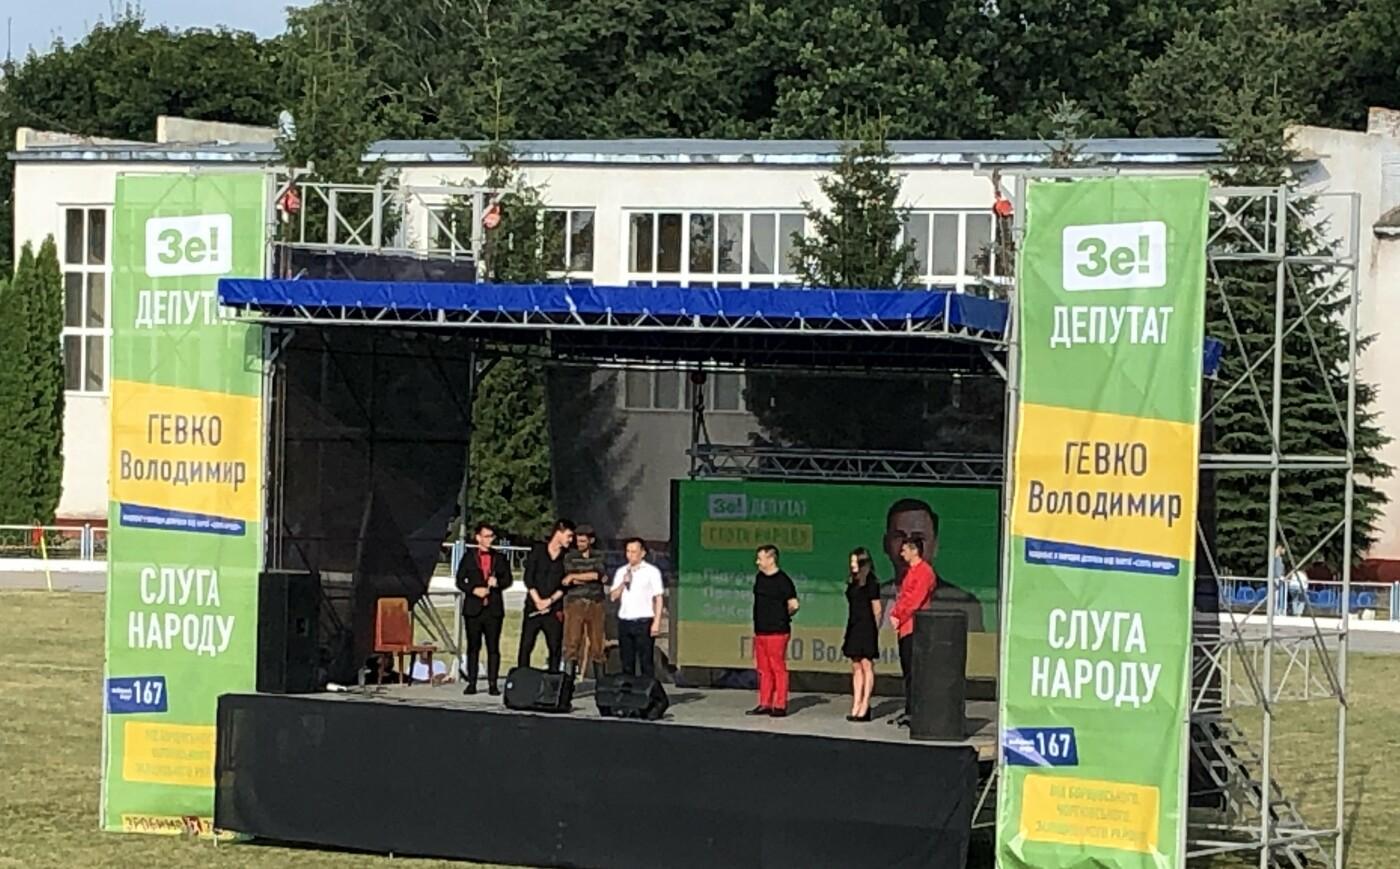 На зустрічі з кандидатом в депутати у 167-му окрузі Володимиром Гевком і його командою приходять тисячі краян (Фоторепортаж, відео) , фото-6